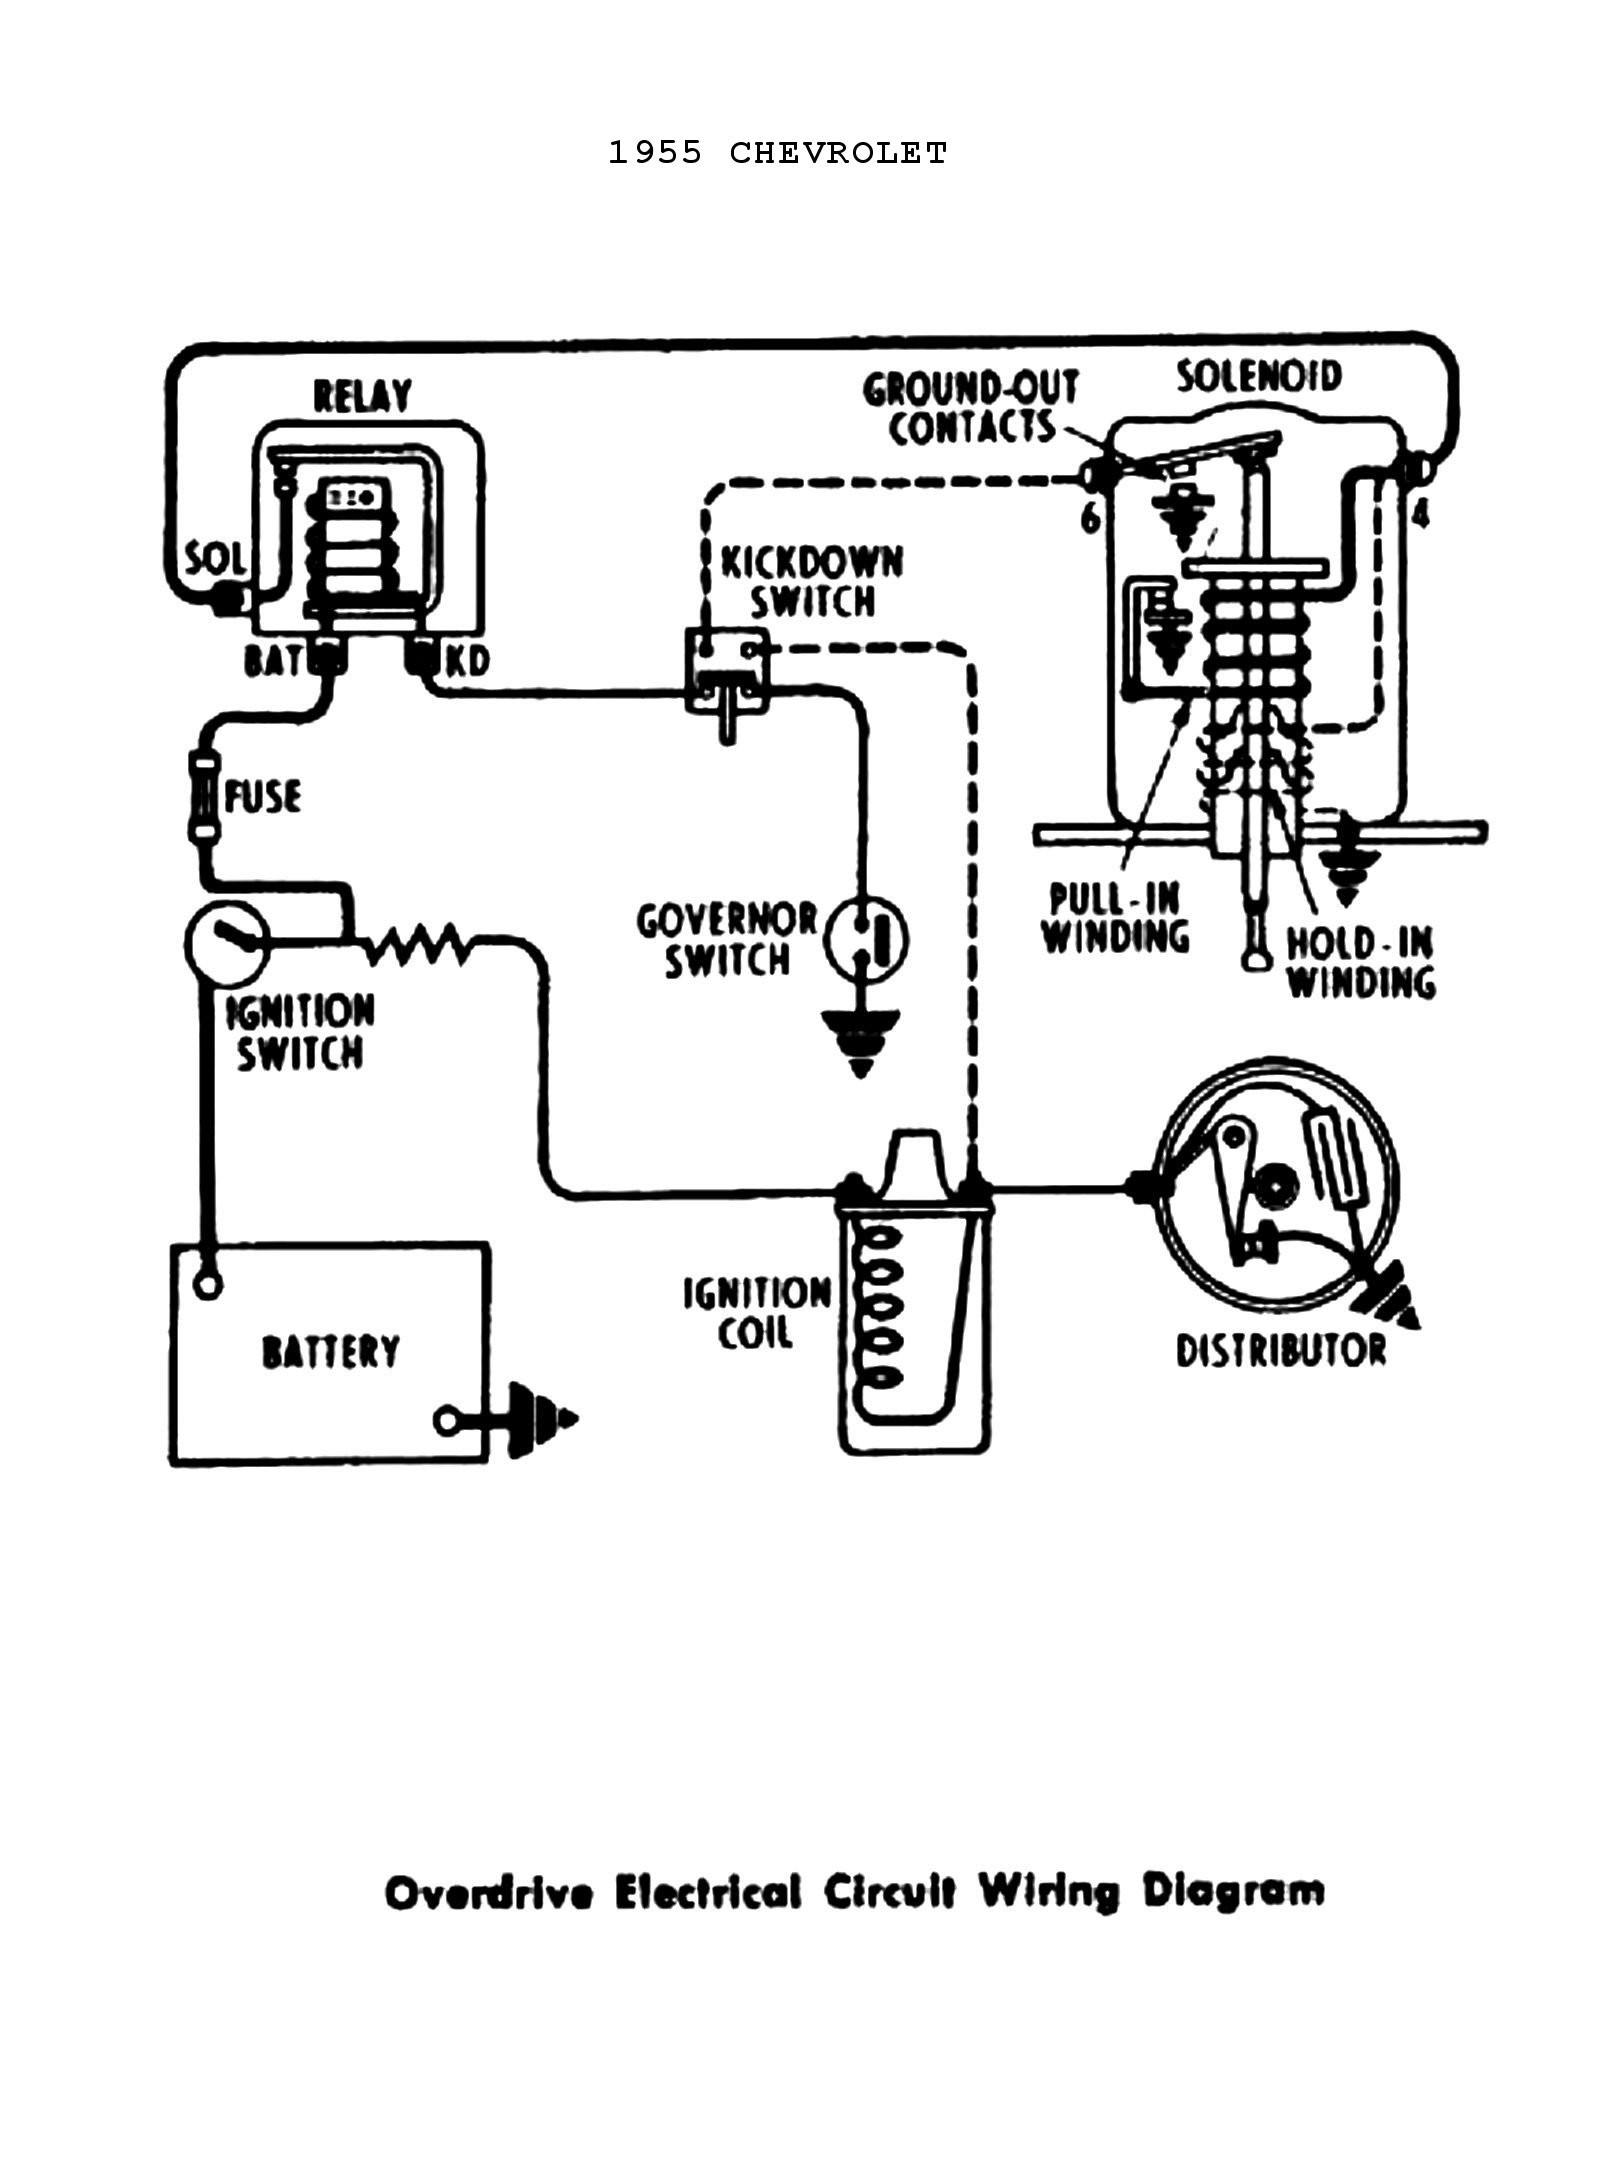 Club Car Voltage Regulator Installation 79ca 6 Volt Positive Ground Voltage Regulator Wiring Diagram Of Club Car Voltage Regulator Installation